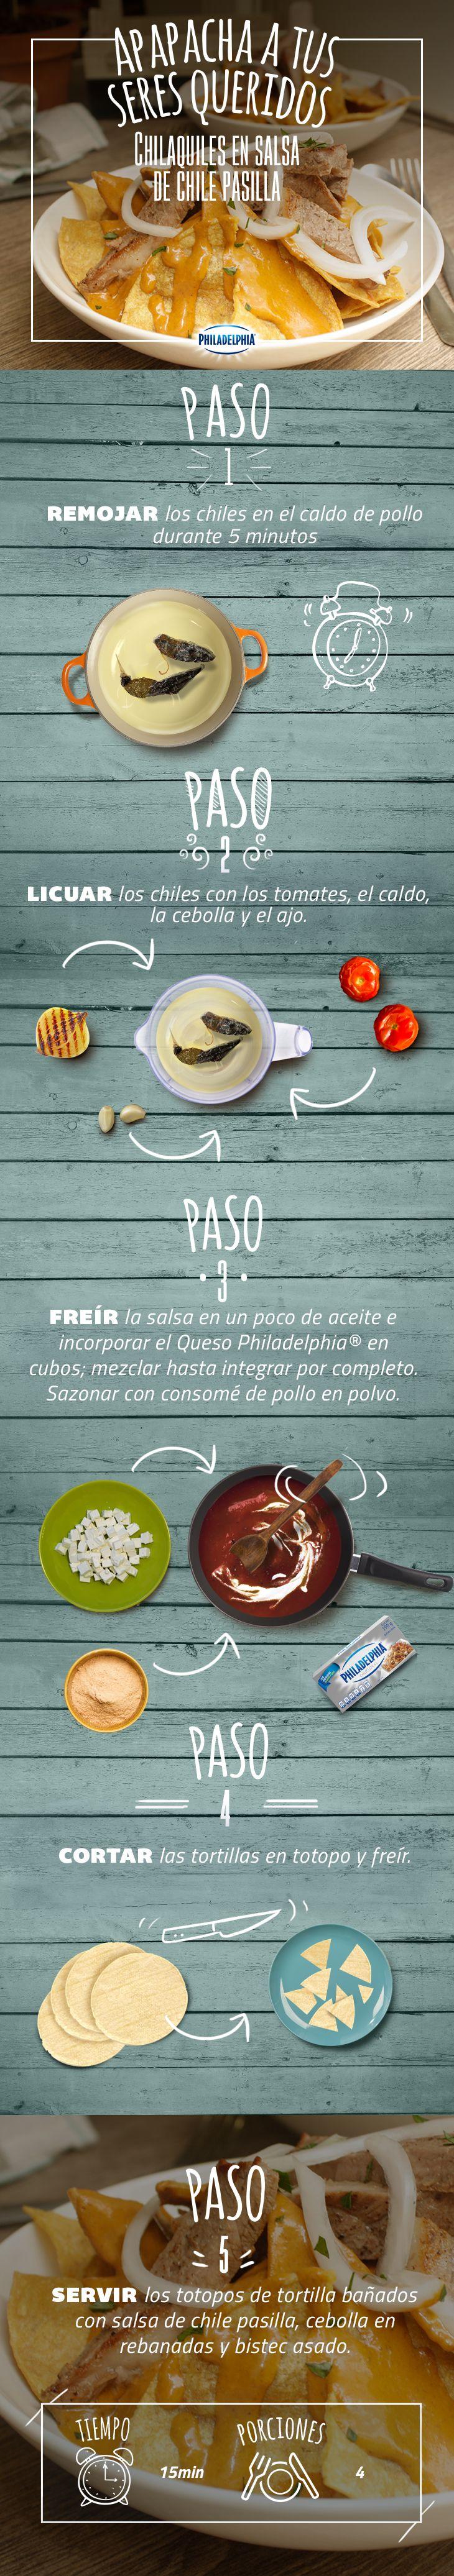 Una receta tradicional de nuestro país.  #Chilaquiles #RecetaTradicional #Casero